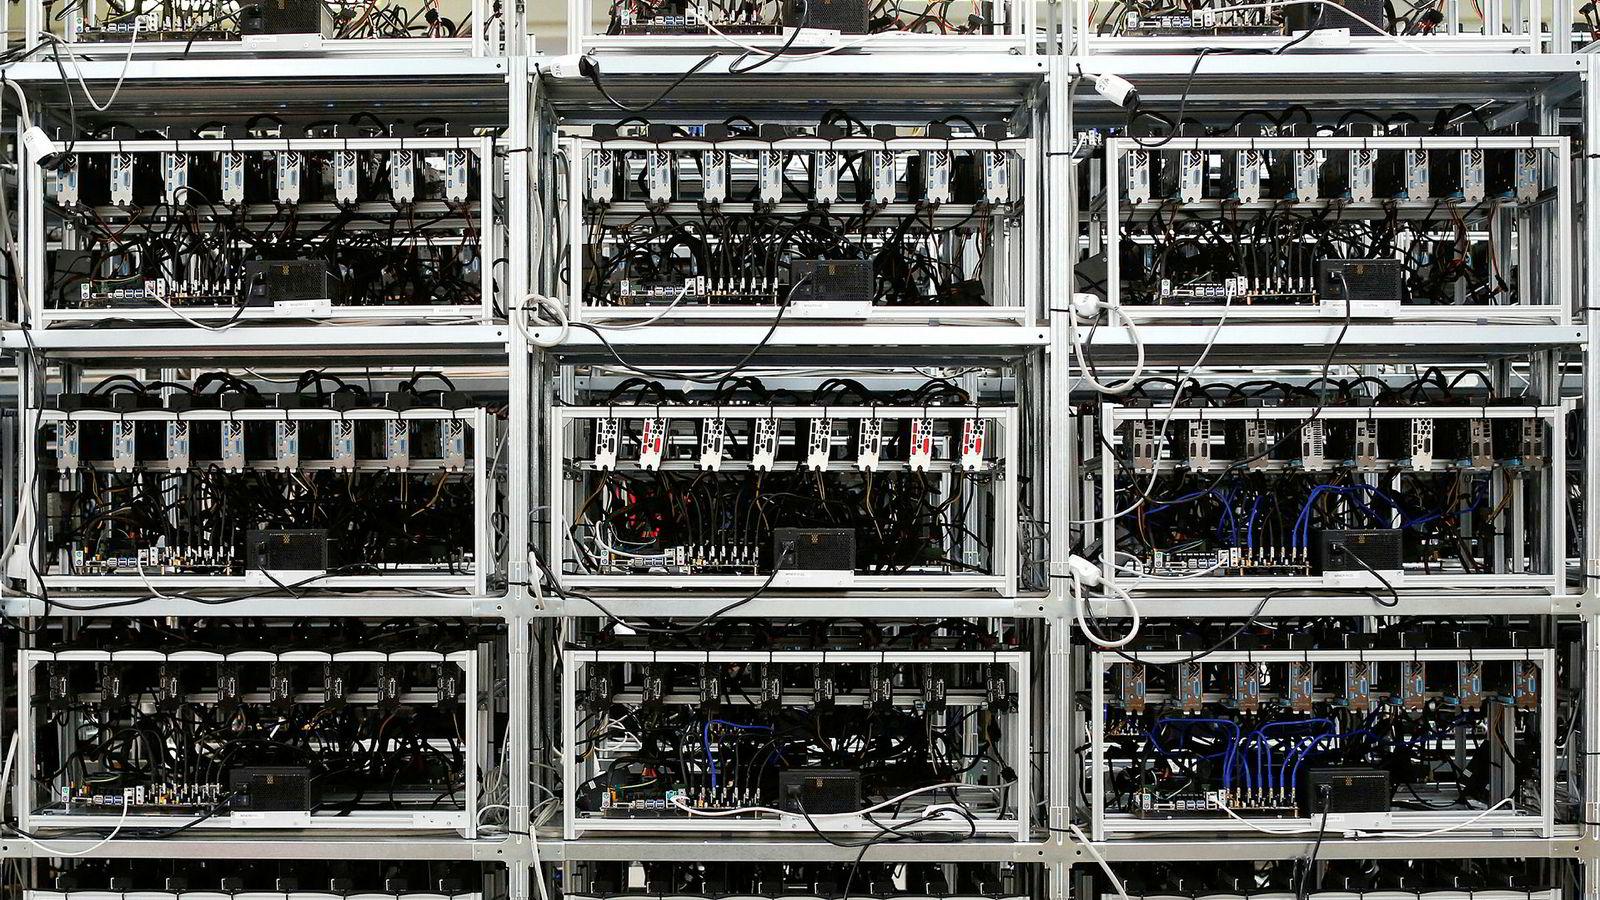 QuadrigaCX var Canadas største kryptovalutabørs. Grunnleggeren drev børsen fra en kryptert, bærbar datamaskin. Passordet til datamaskinen, og verdier på minst 1,7 milliarder kroner, tok han med seg i døden.